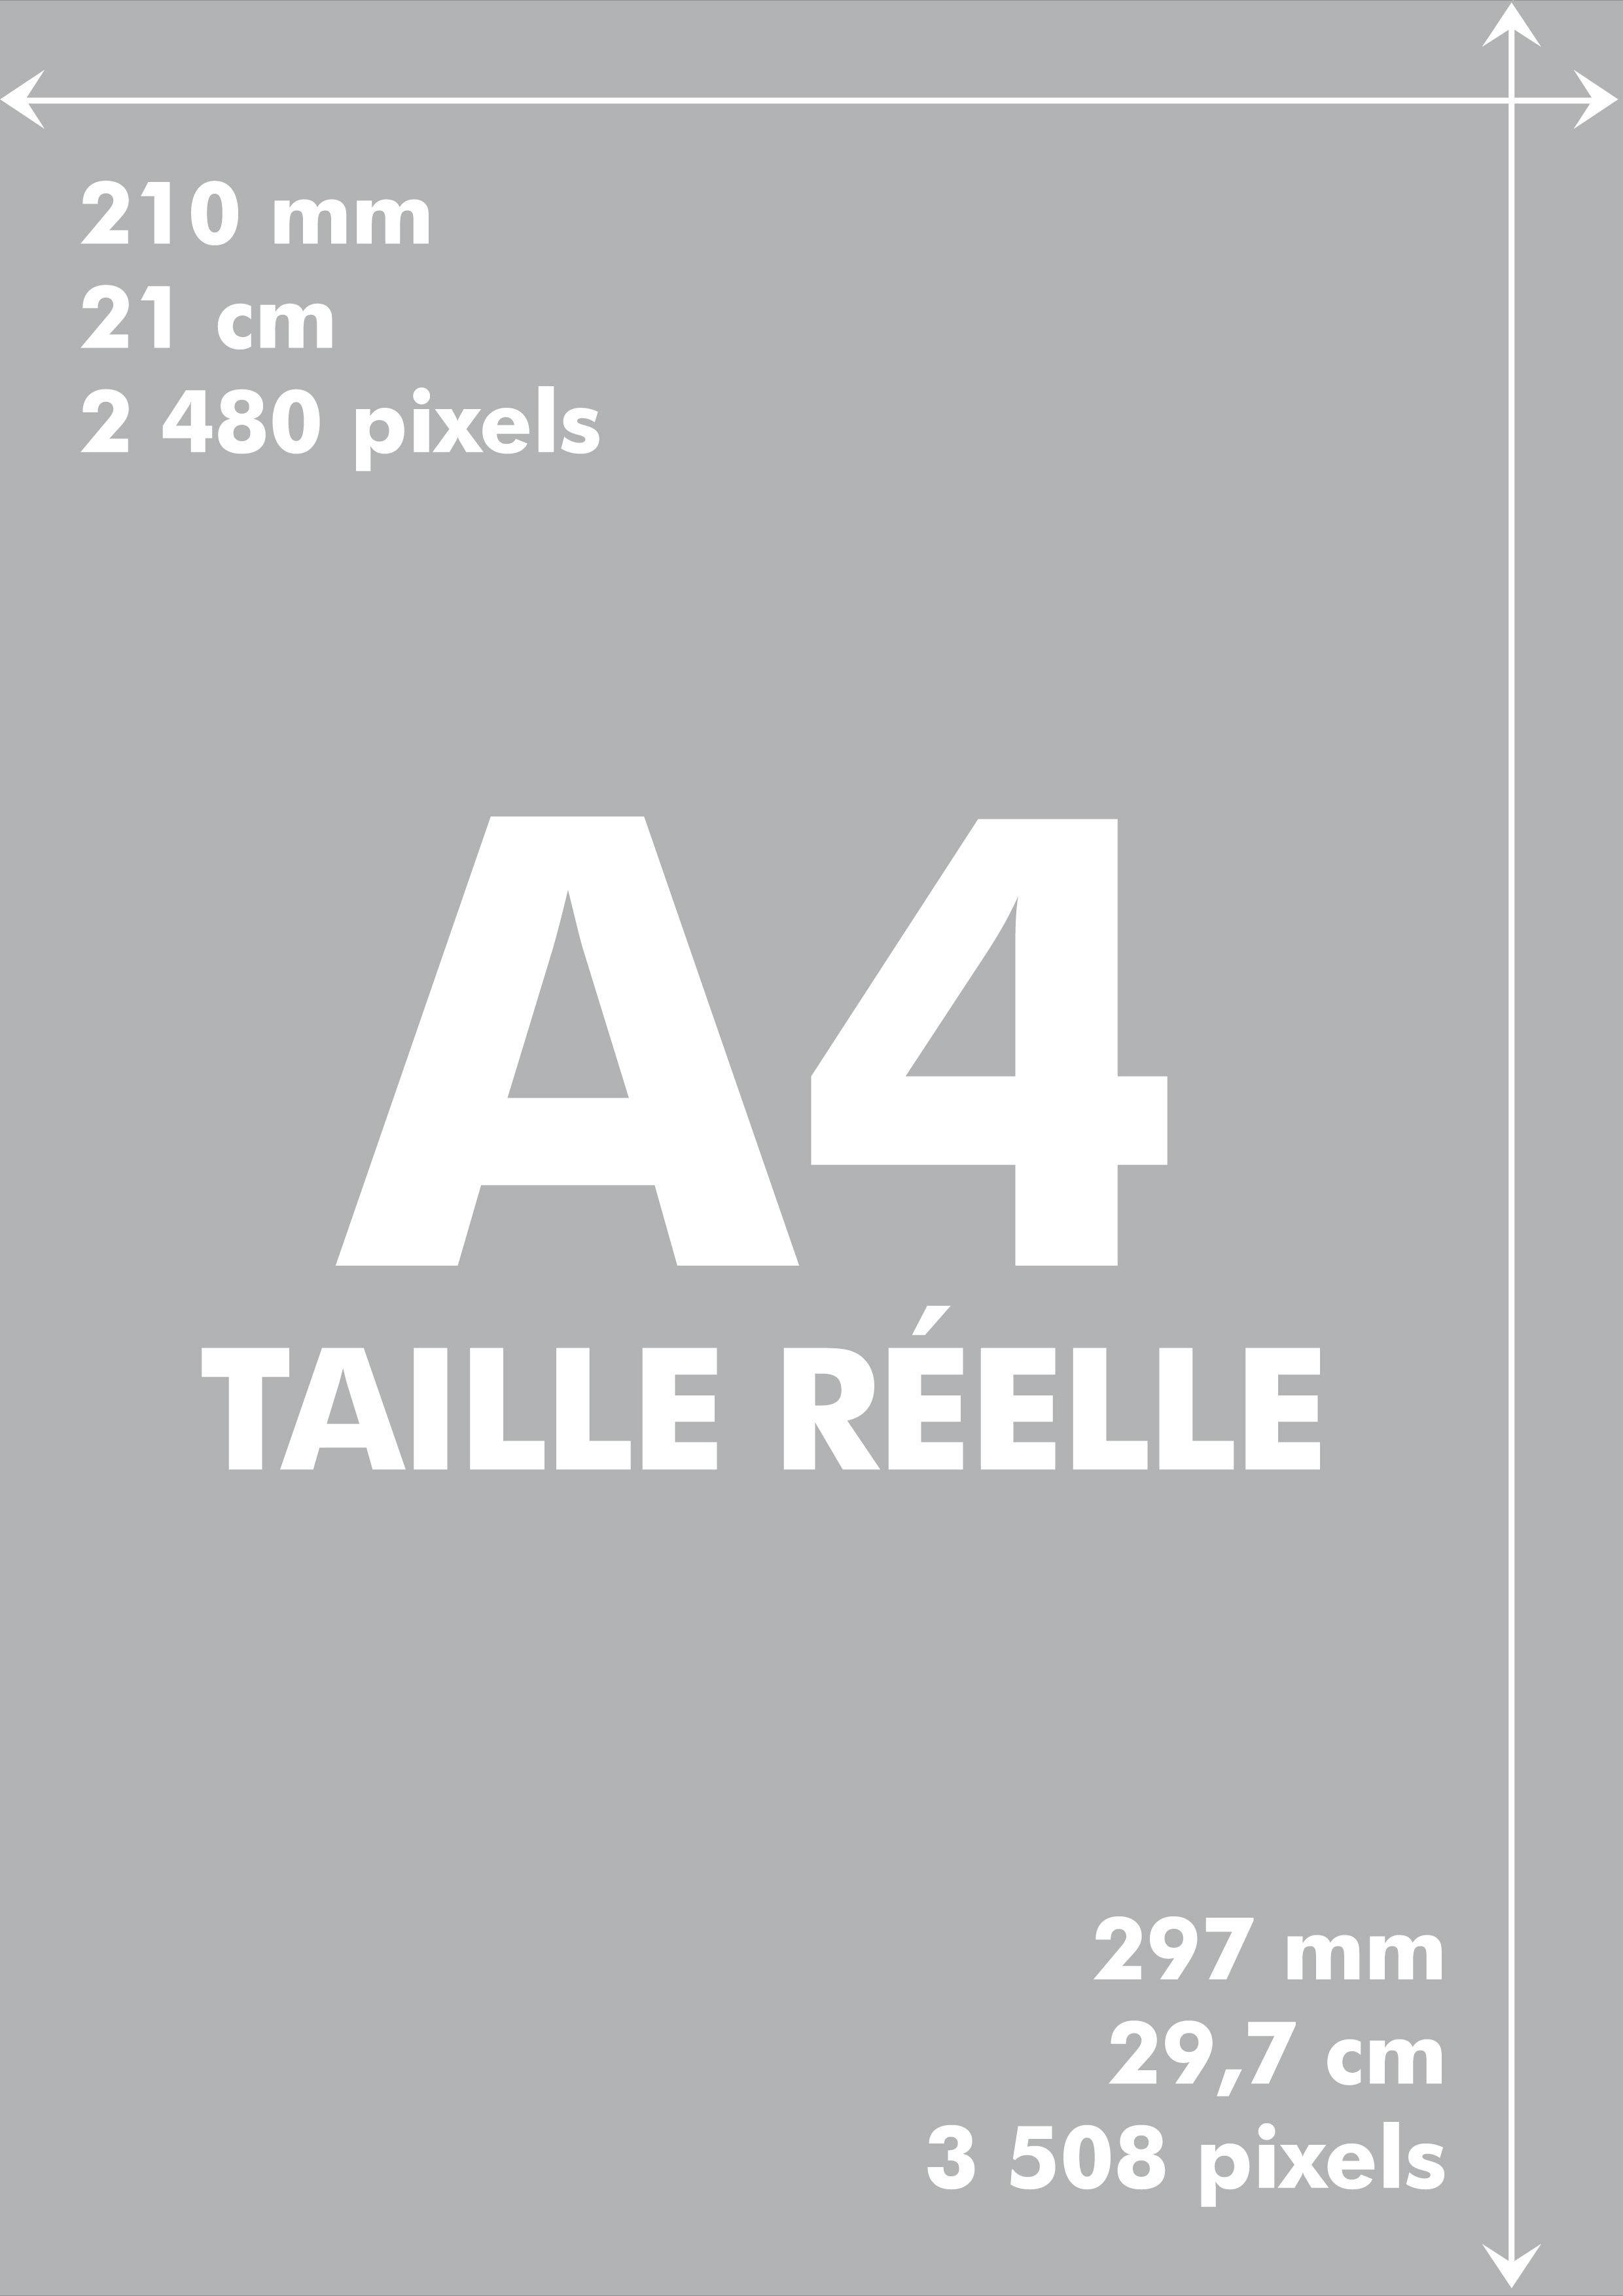 A4 Image A Taille Reelle D Une Feuille De Papier Format A4 Feuille Impressionnisme Images